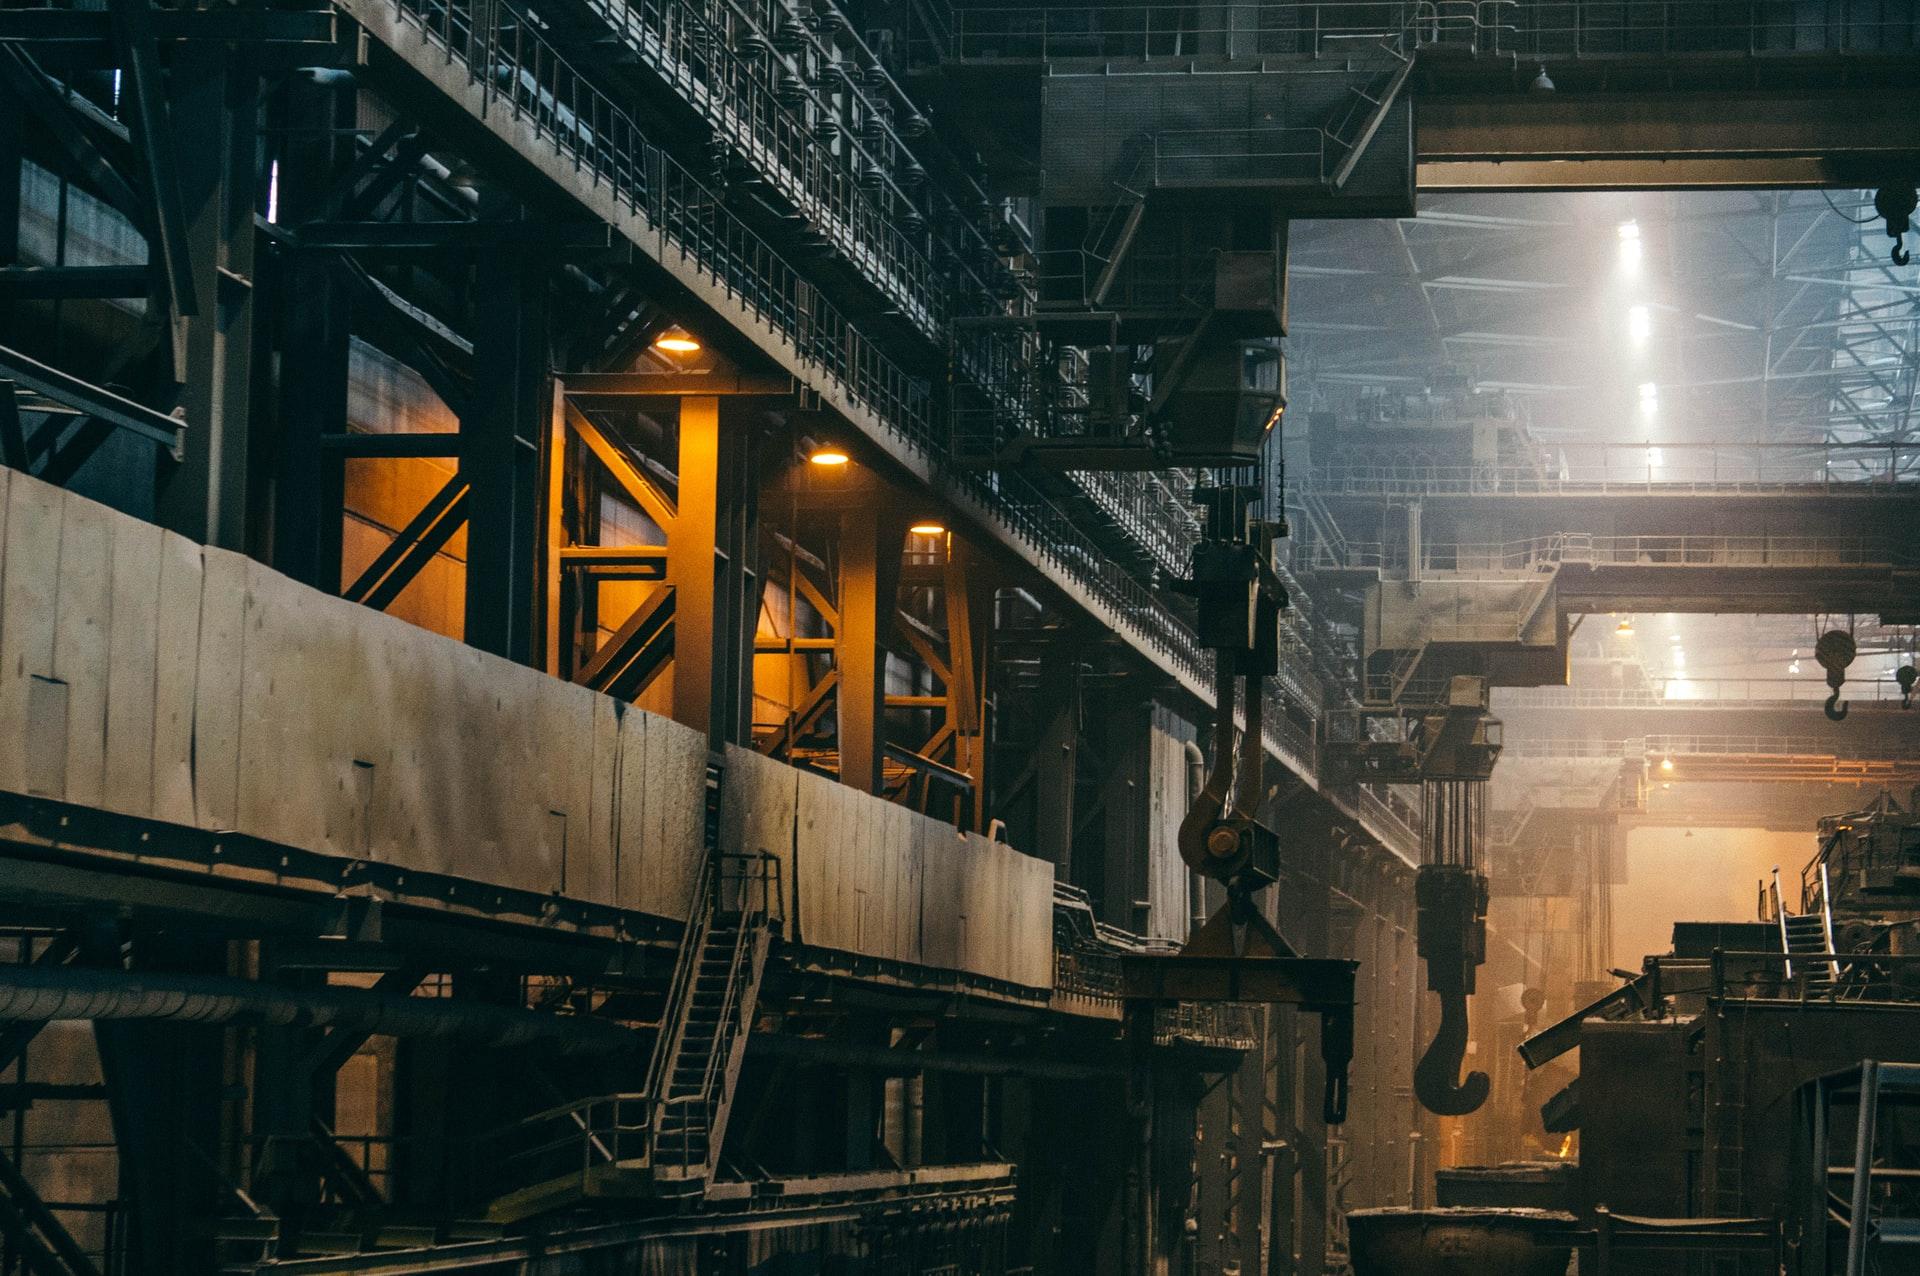 Kupili Uljanik i ušli u proizvodne hale gdje ih je dočekao šok: Nestalo 850 tona čelika, šteta milijunska